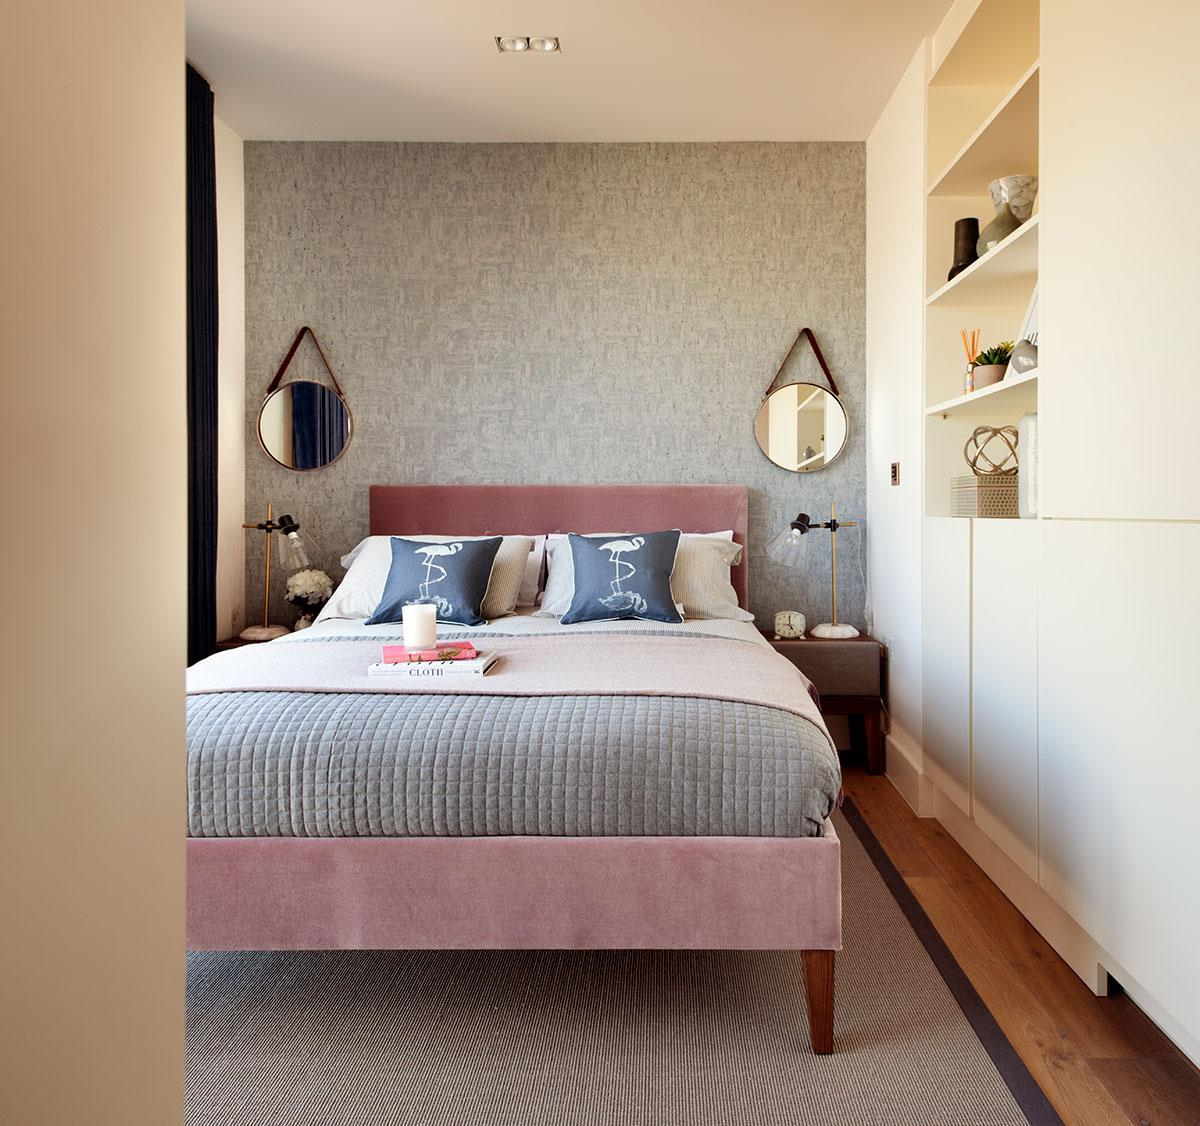 A comfortably designed bedroom in a cosy interior